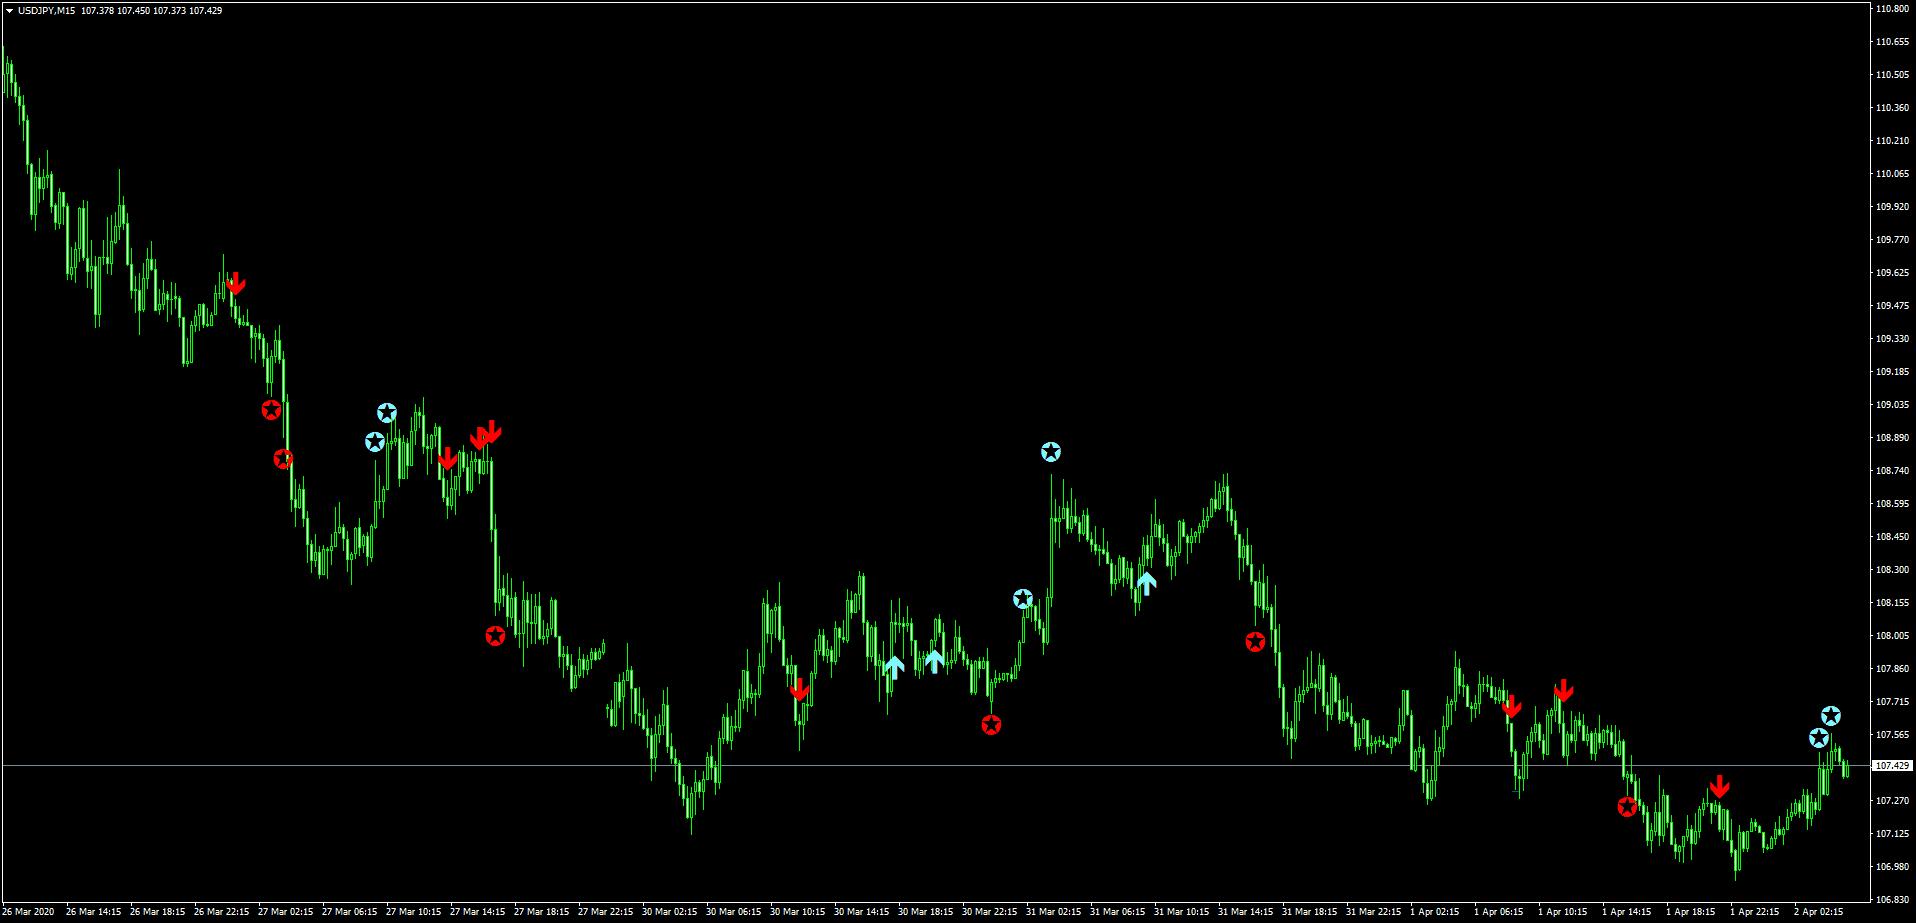 F15-friendsを表示したドル円チャート